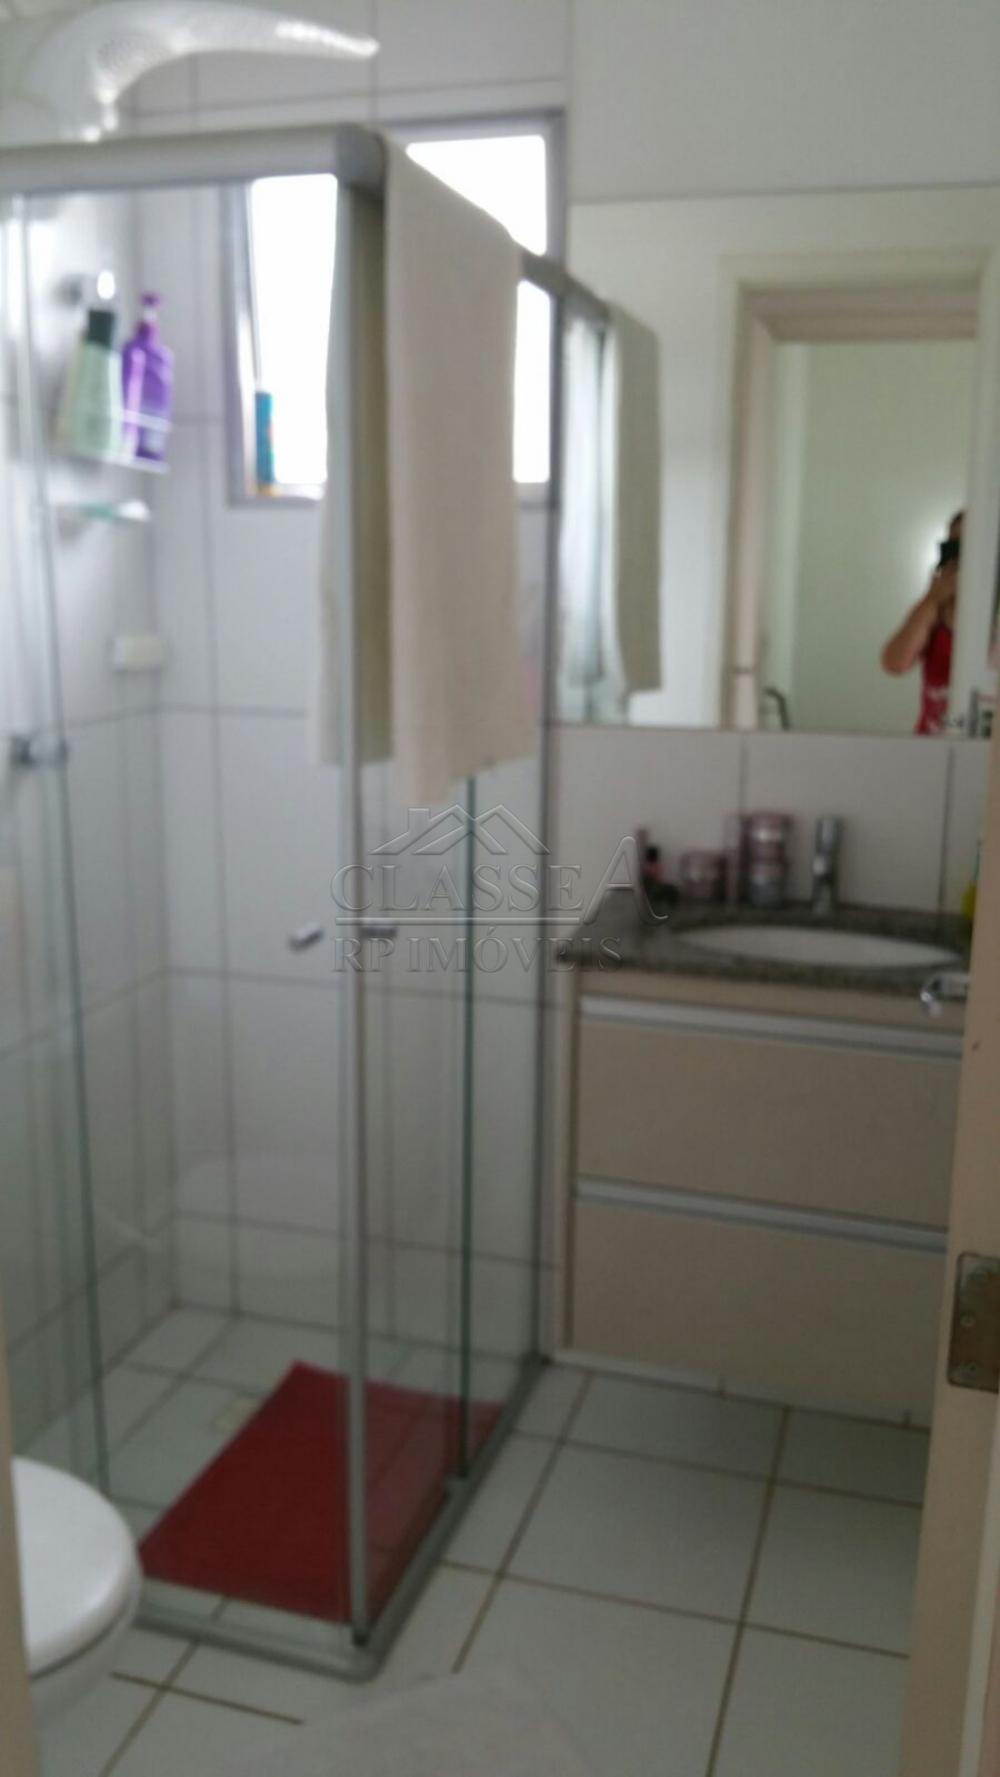 Comprar Casa / Condomínio - sobrado em Ribeirão Preto R$ 490.000,00 - Foto 15